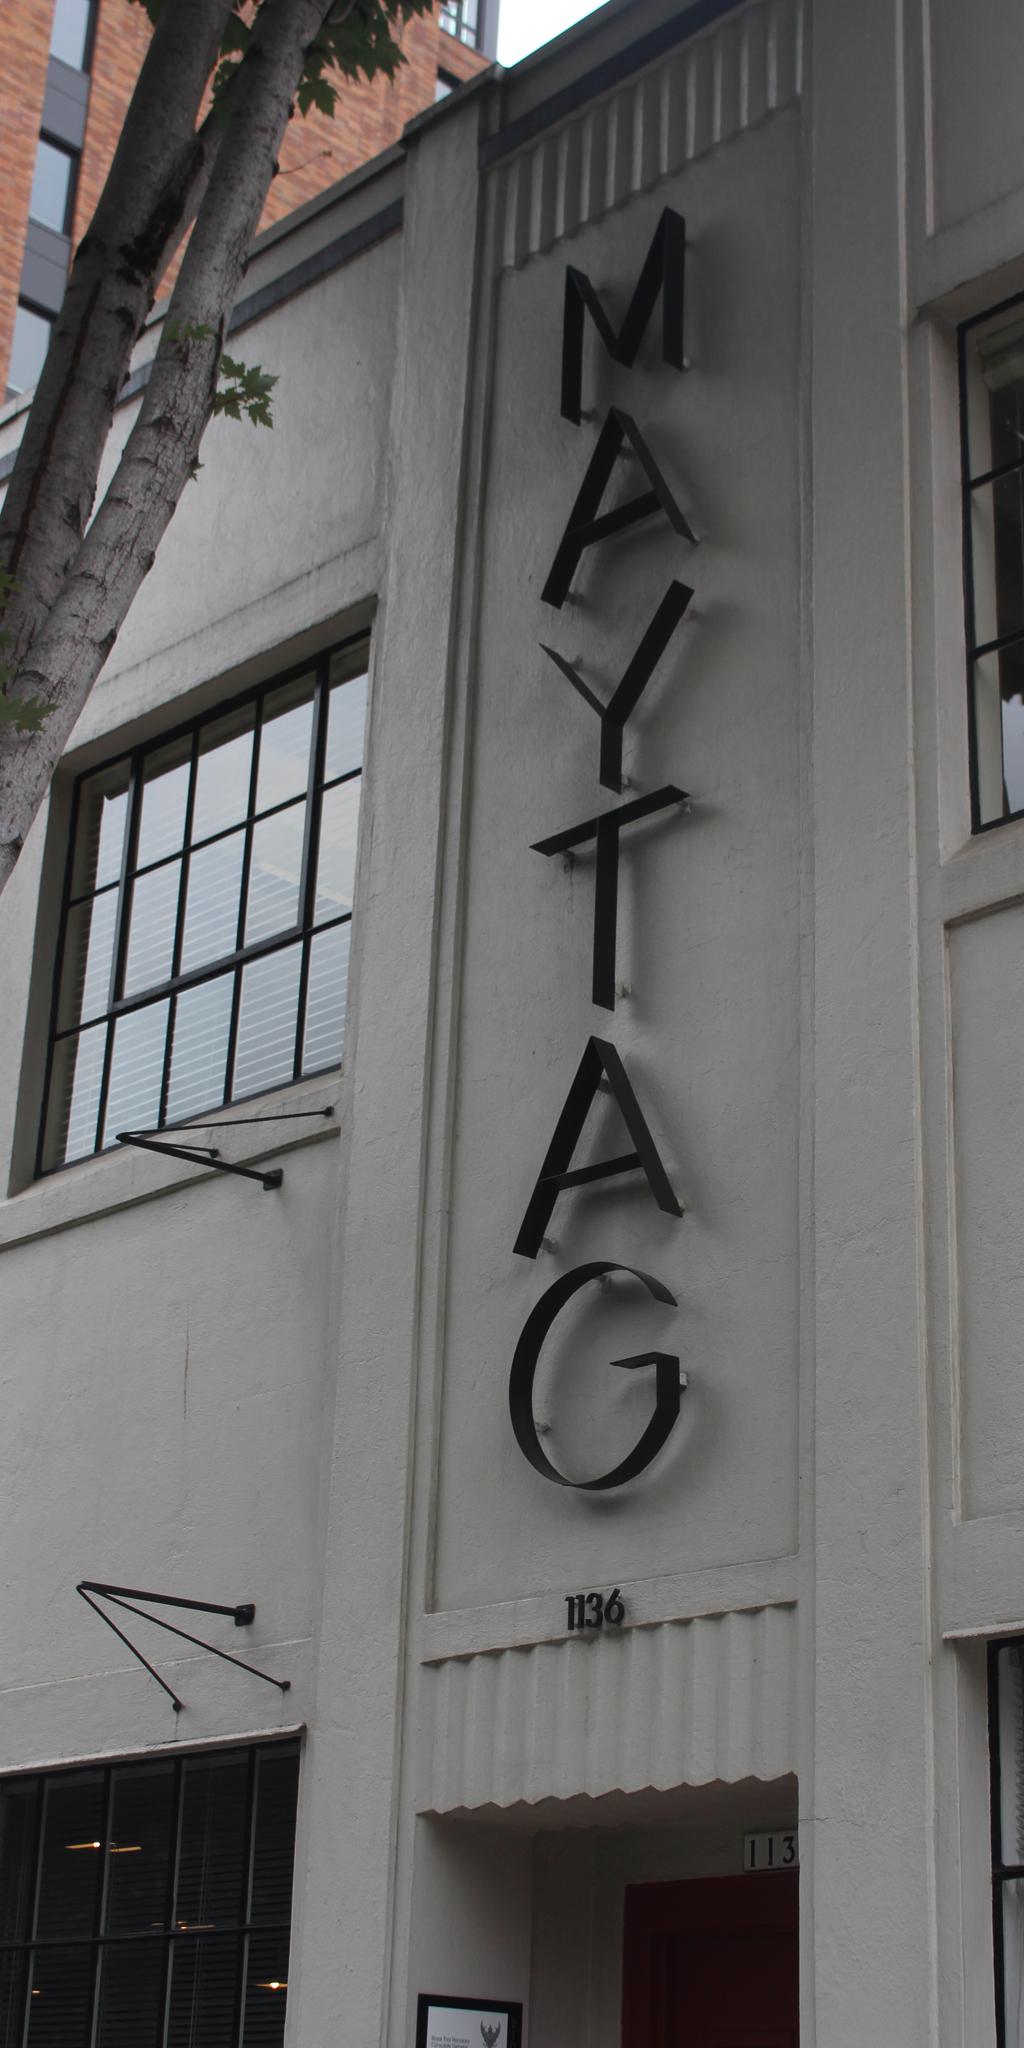 Maytag building (Portland).